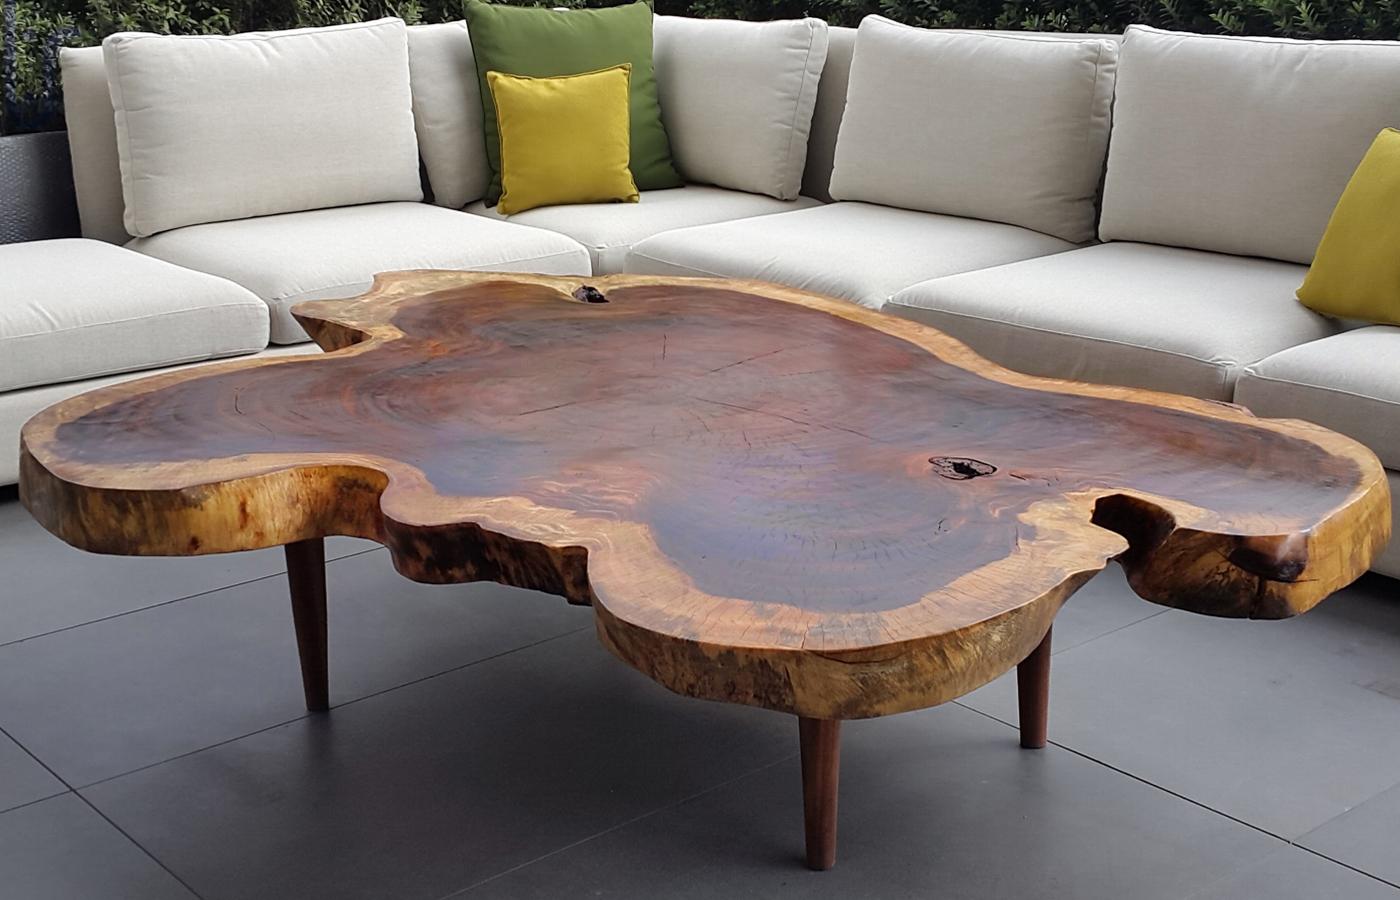 Muebles de exterior de madera parota finos y artesanales for Mesas de madera precios